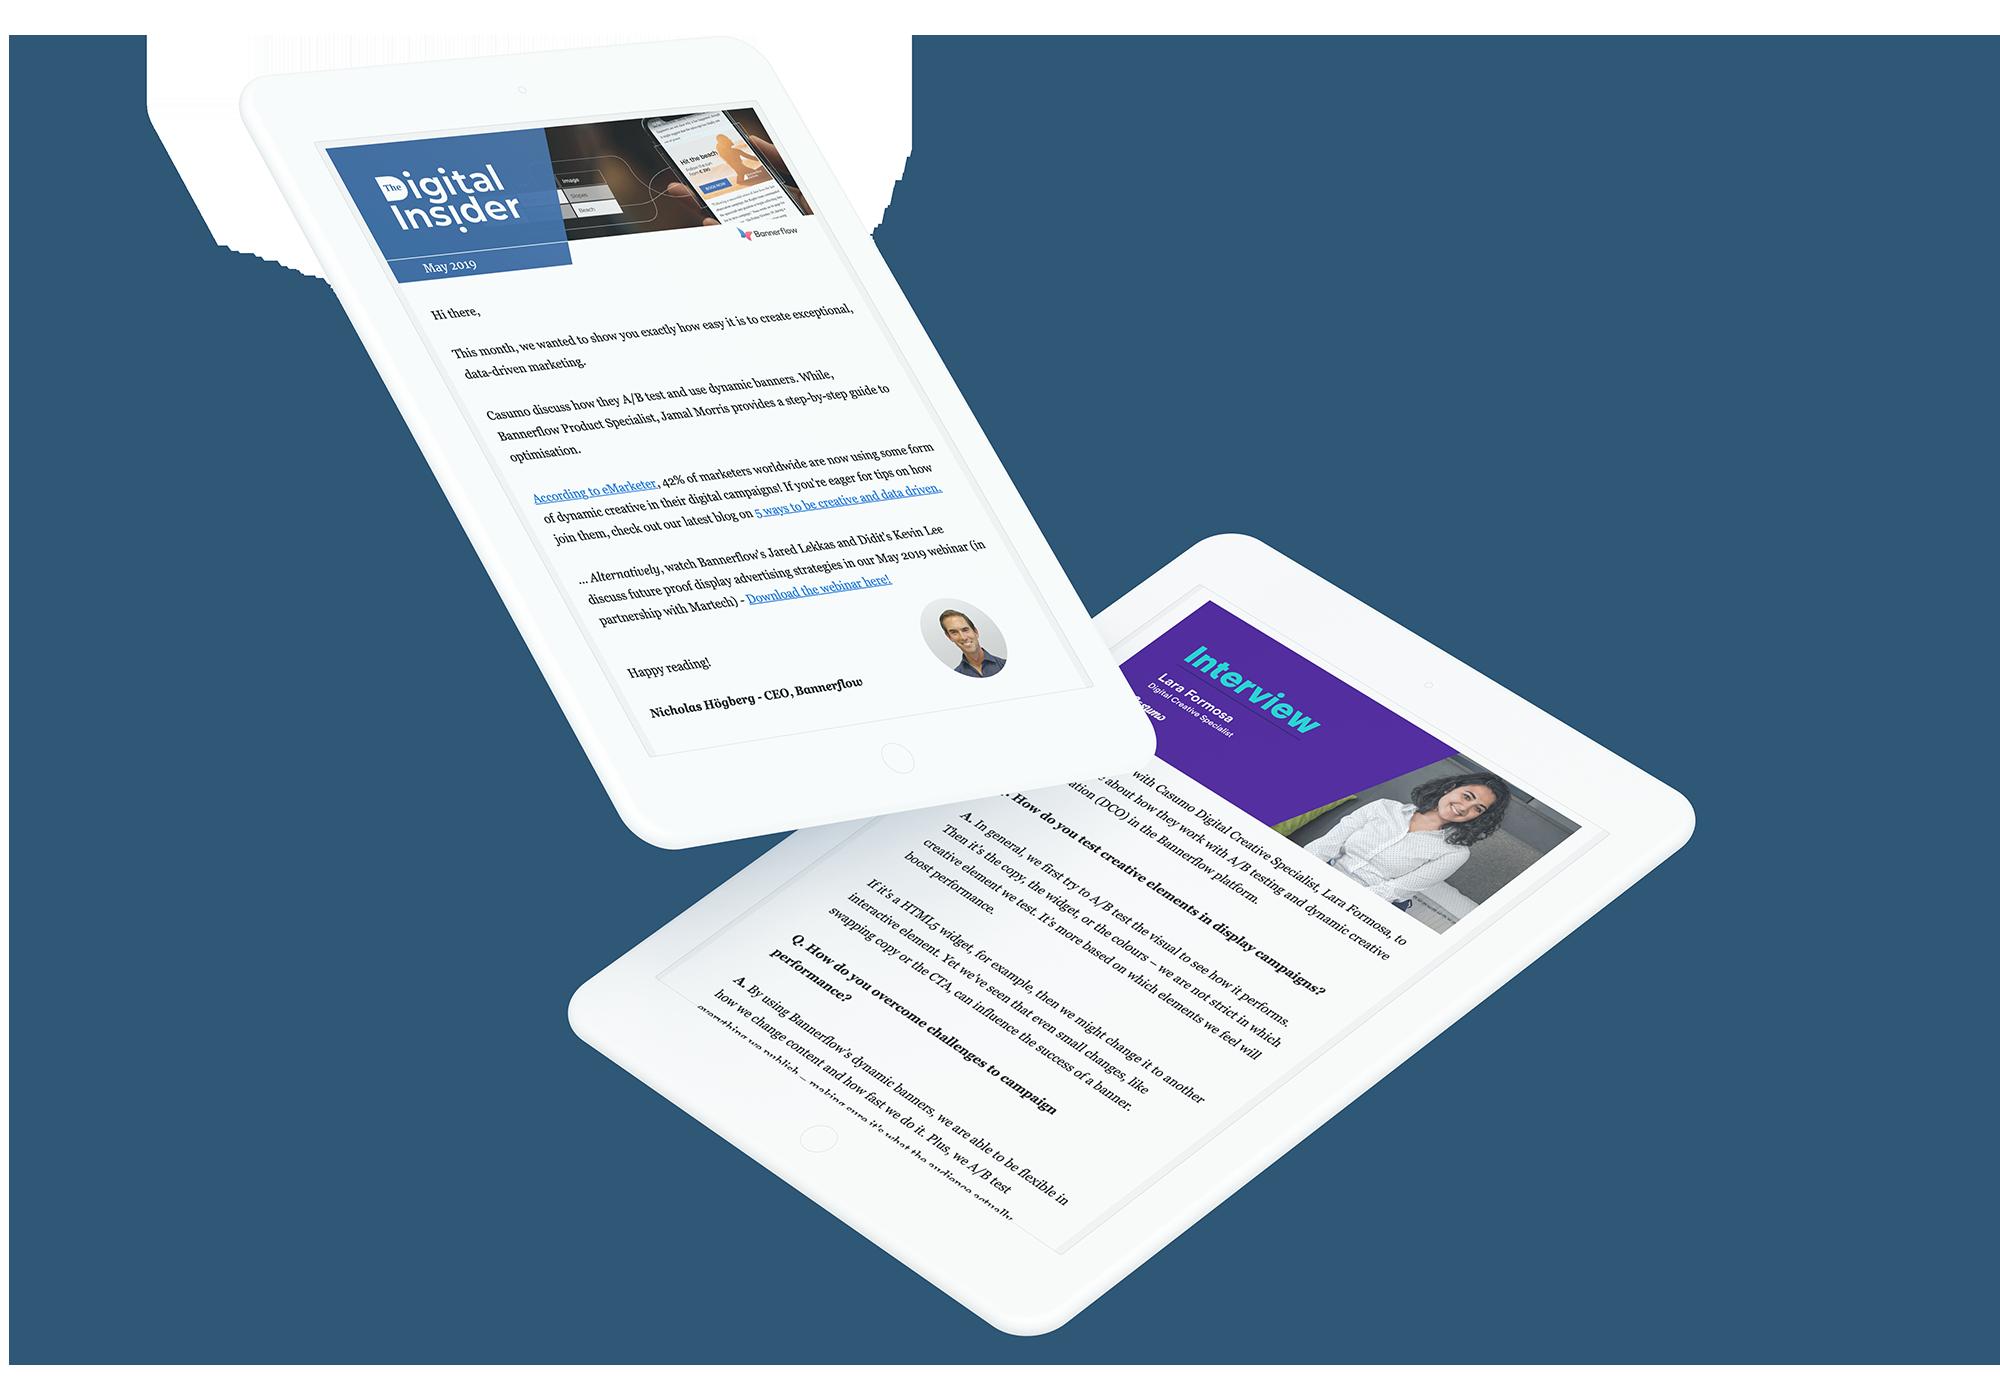 Your Digital Insider Newsletter